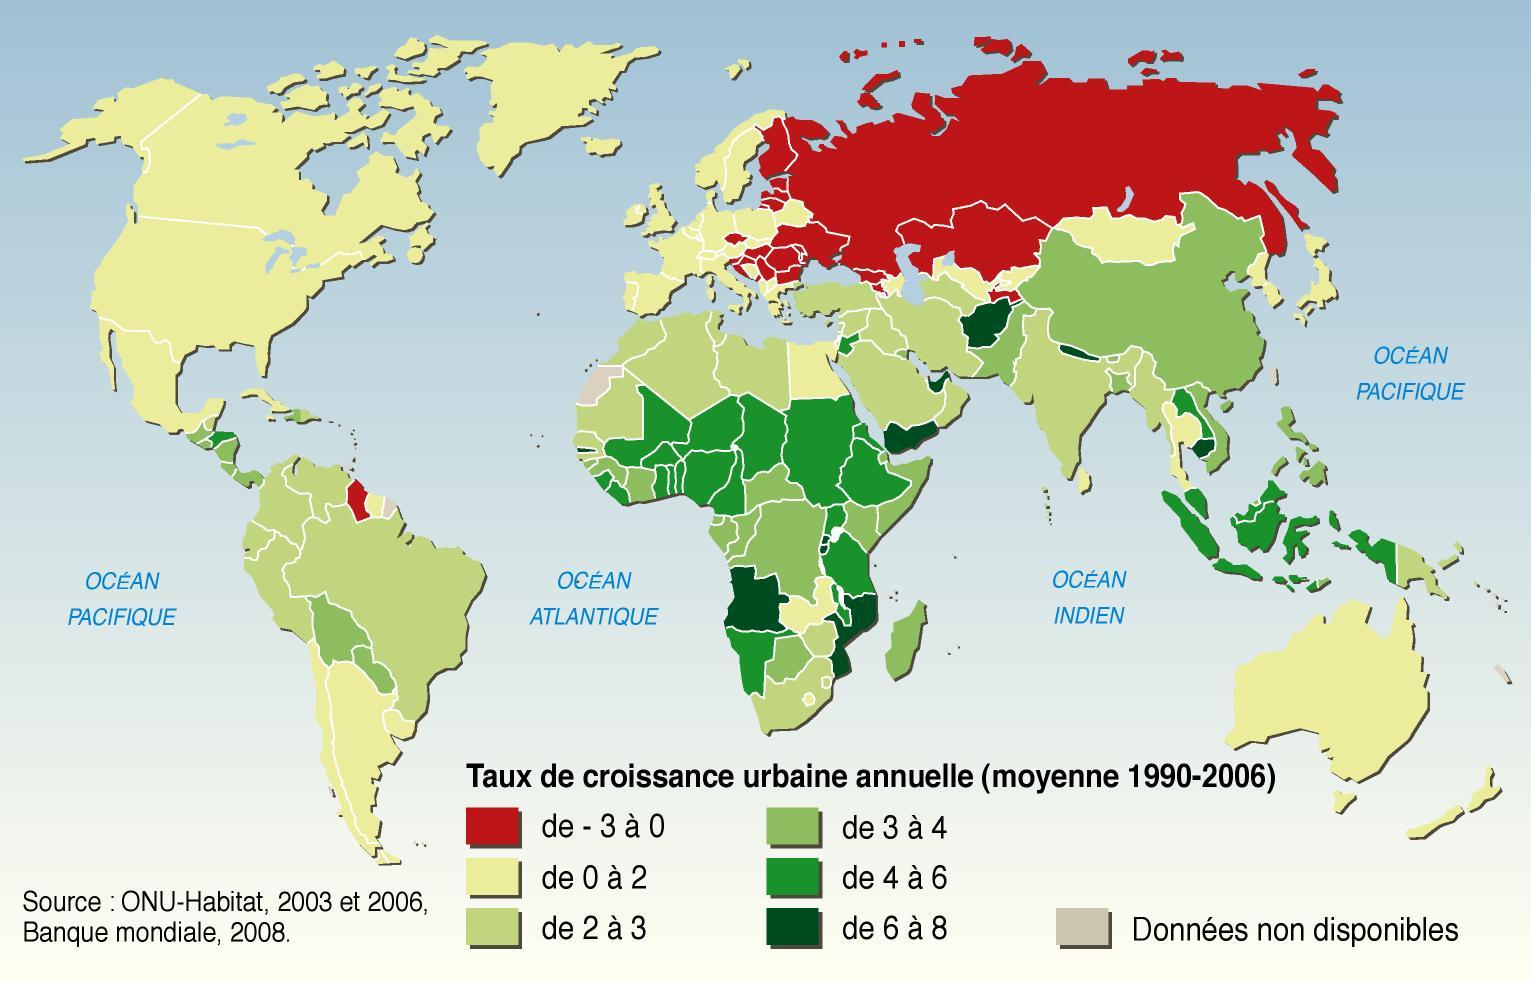 Taux de croissance moyen de la population urbaine